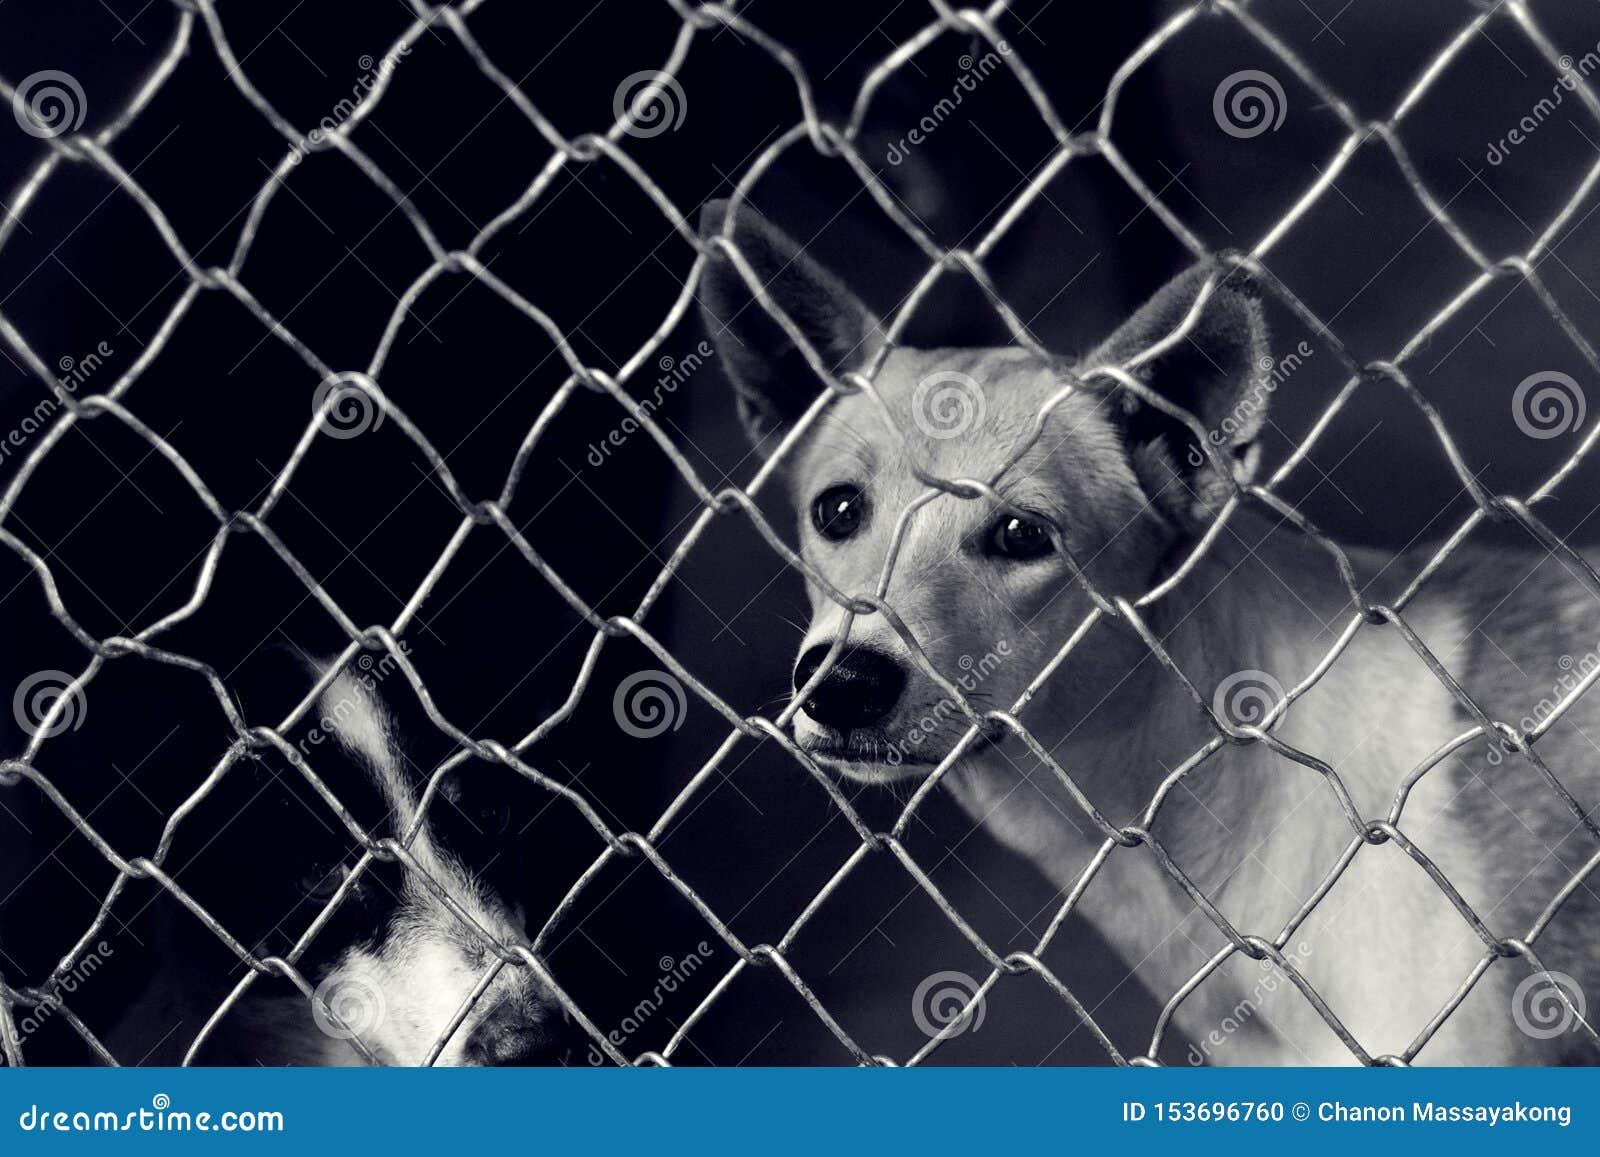 Unglücklicher streunender Hund in einem Käfig